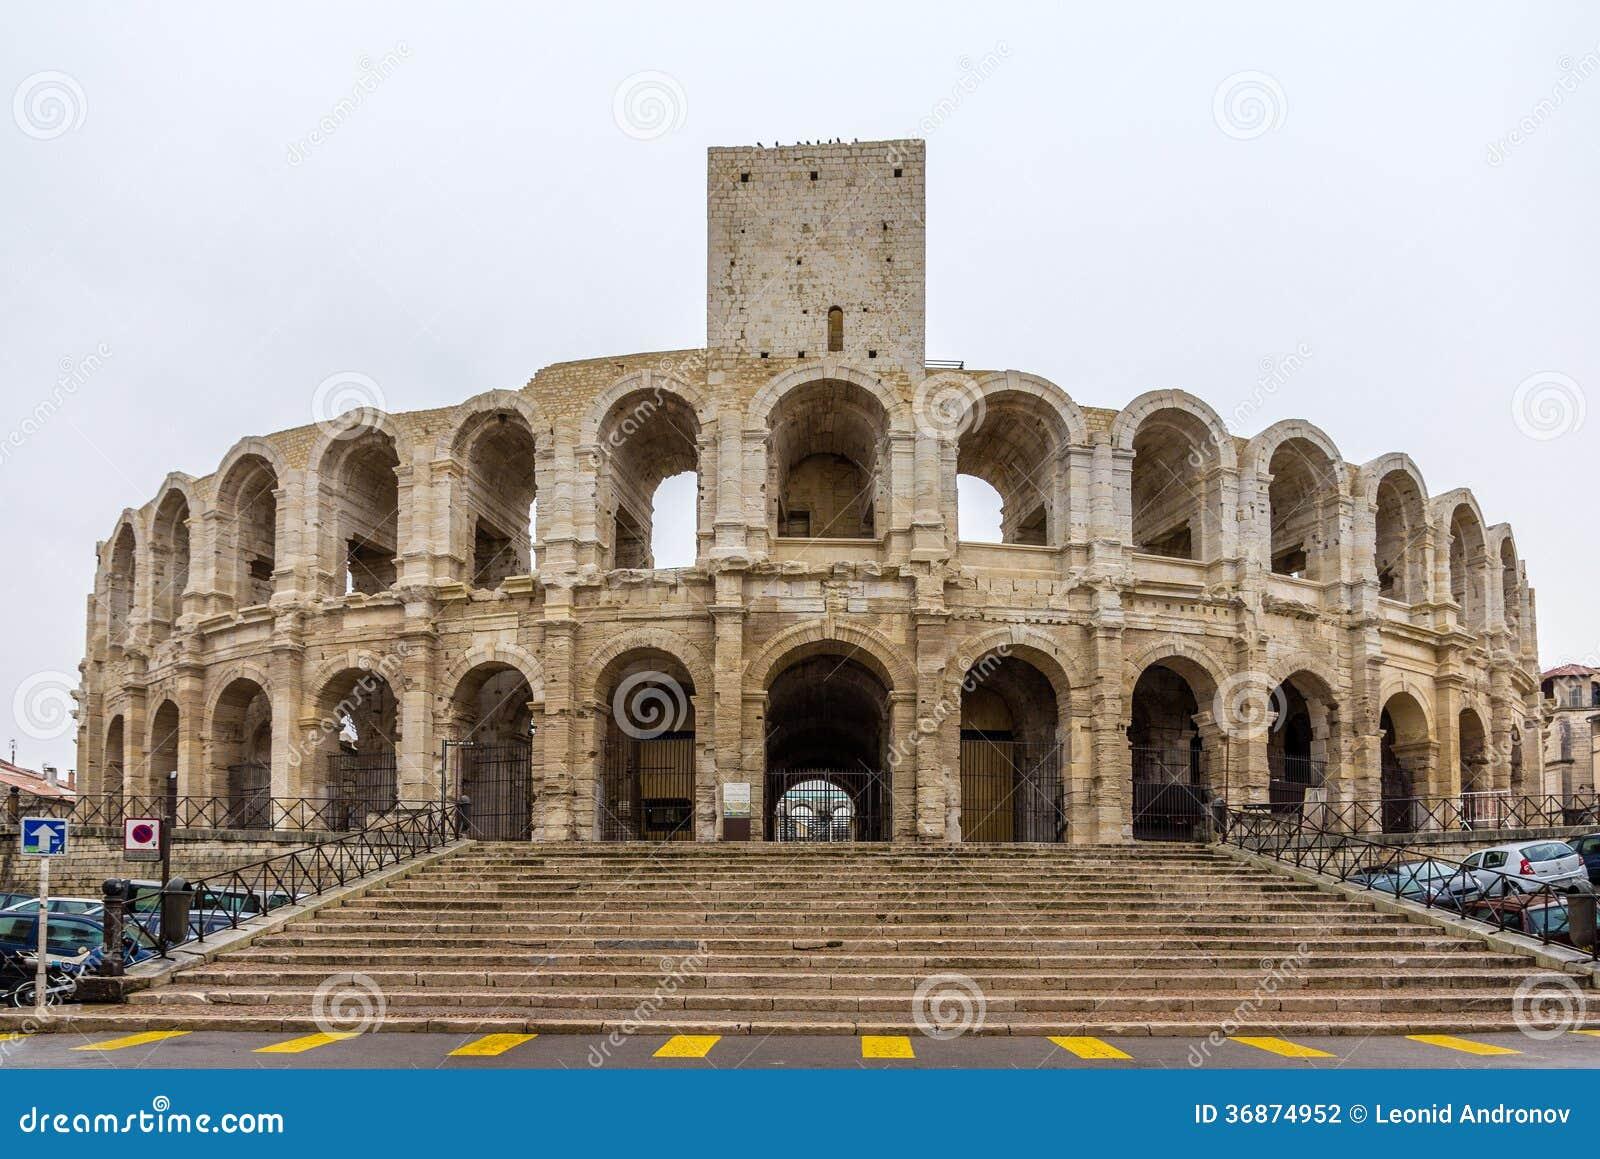 Römischer Amphitheatre in Arles - UNESCO-Welterbe in Frankreich